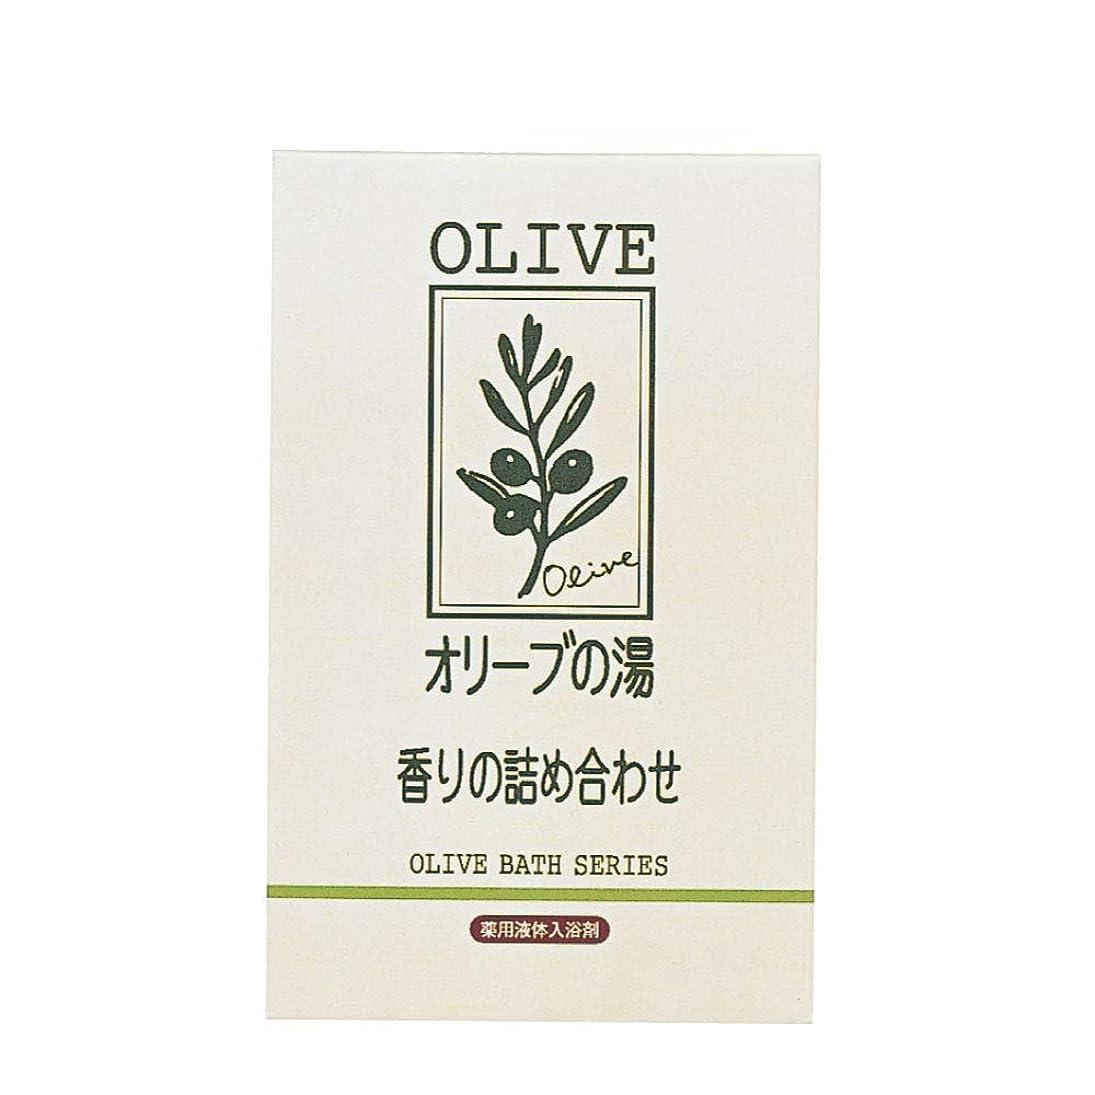 普遍的な憂慮すべきもの薬用オリーブの湯 香りの詰め合わせ